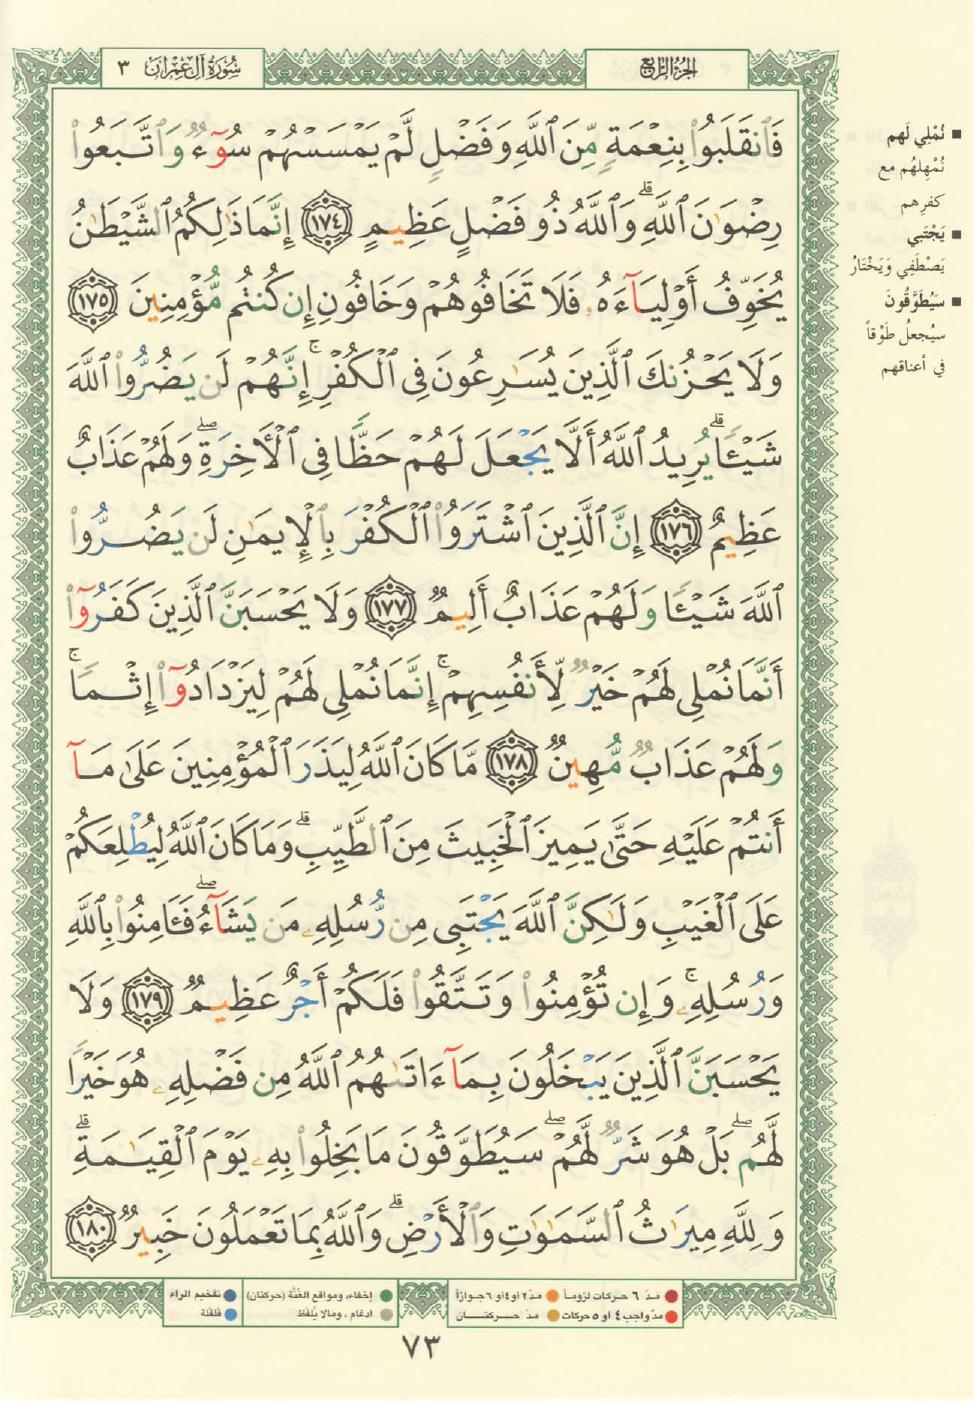 3. سورة آل عمران - Al-Imran مصورة من المصحف الشريف Quran_tajwid_000082